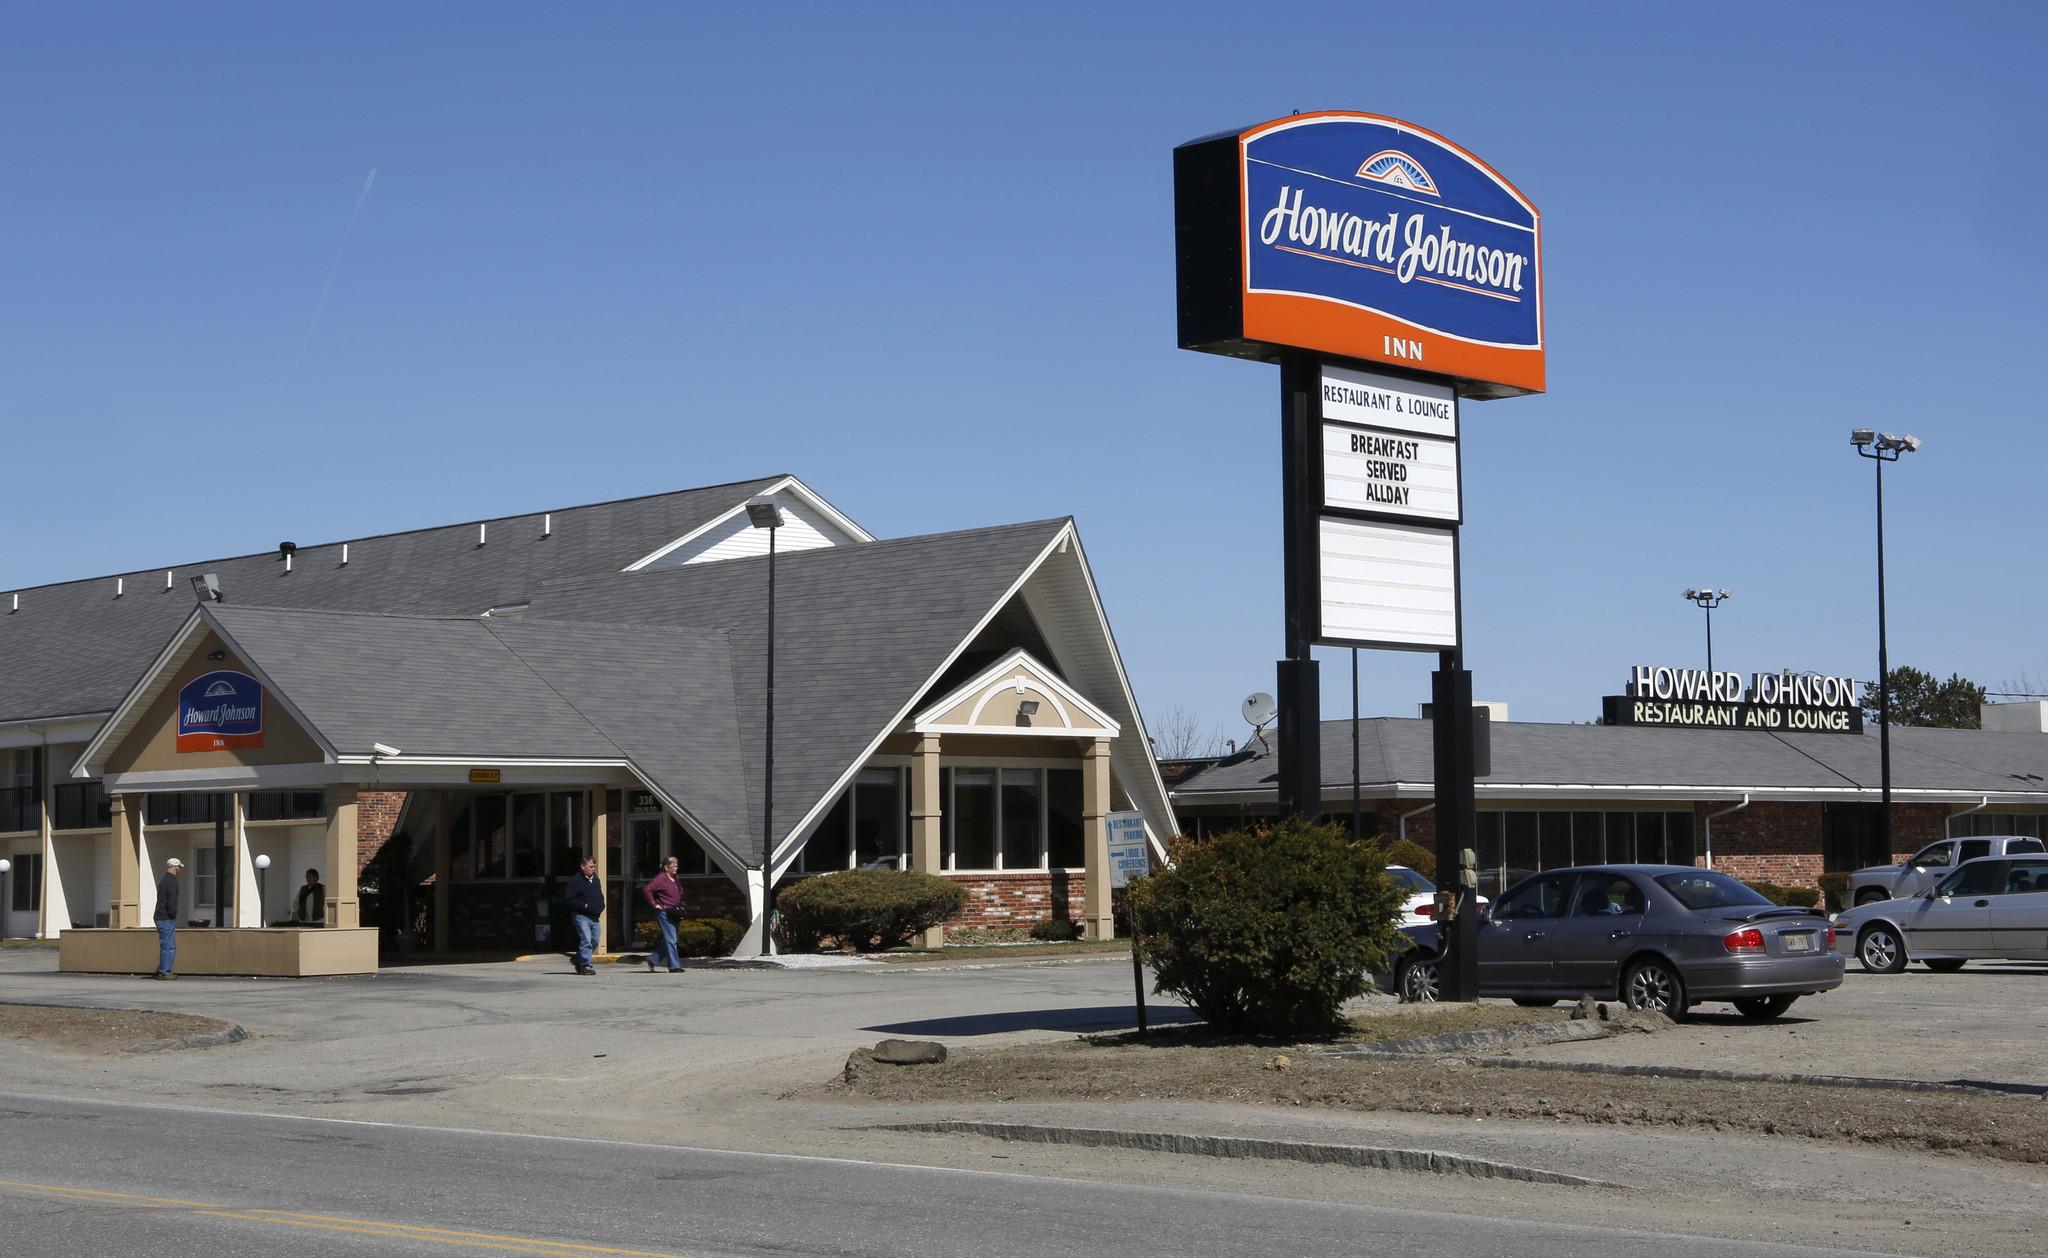 Howard Johnson Restaurant Bangor Maine Menu